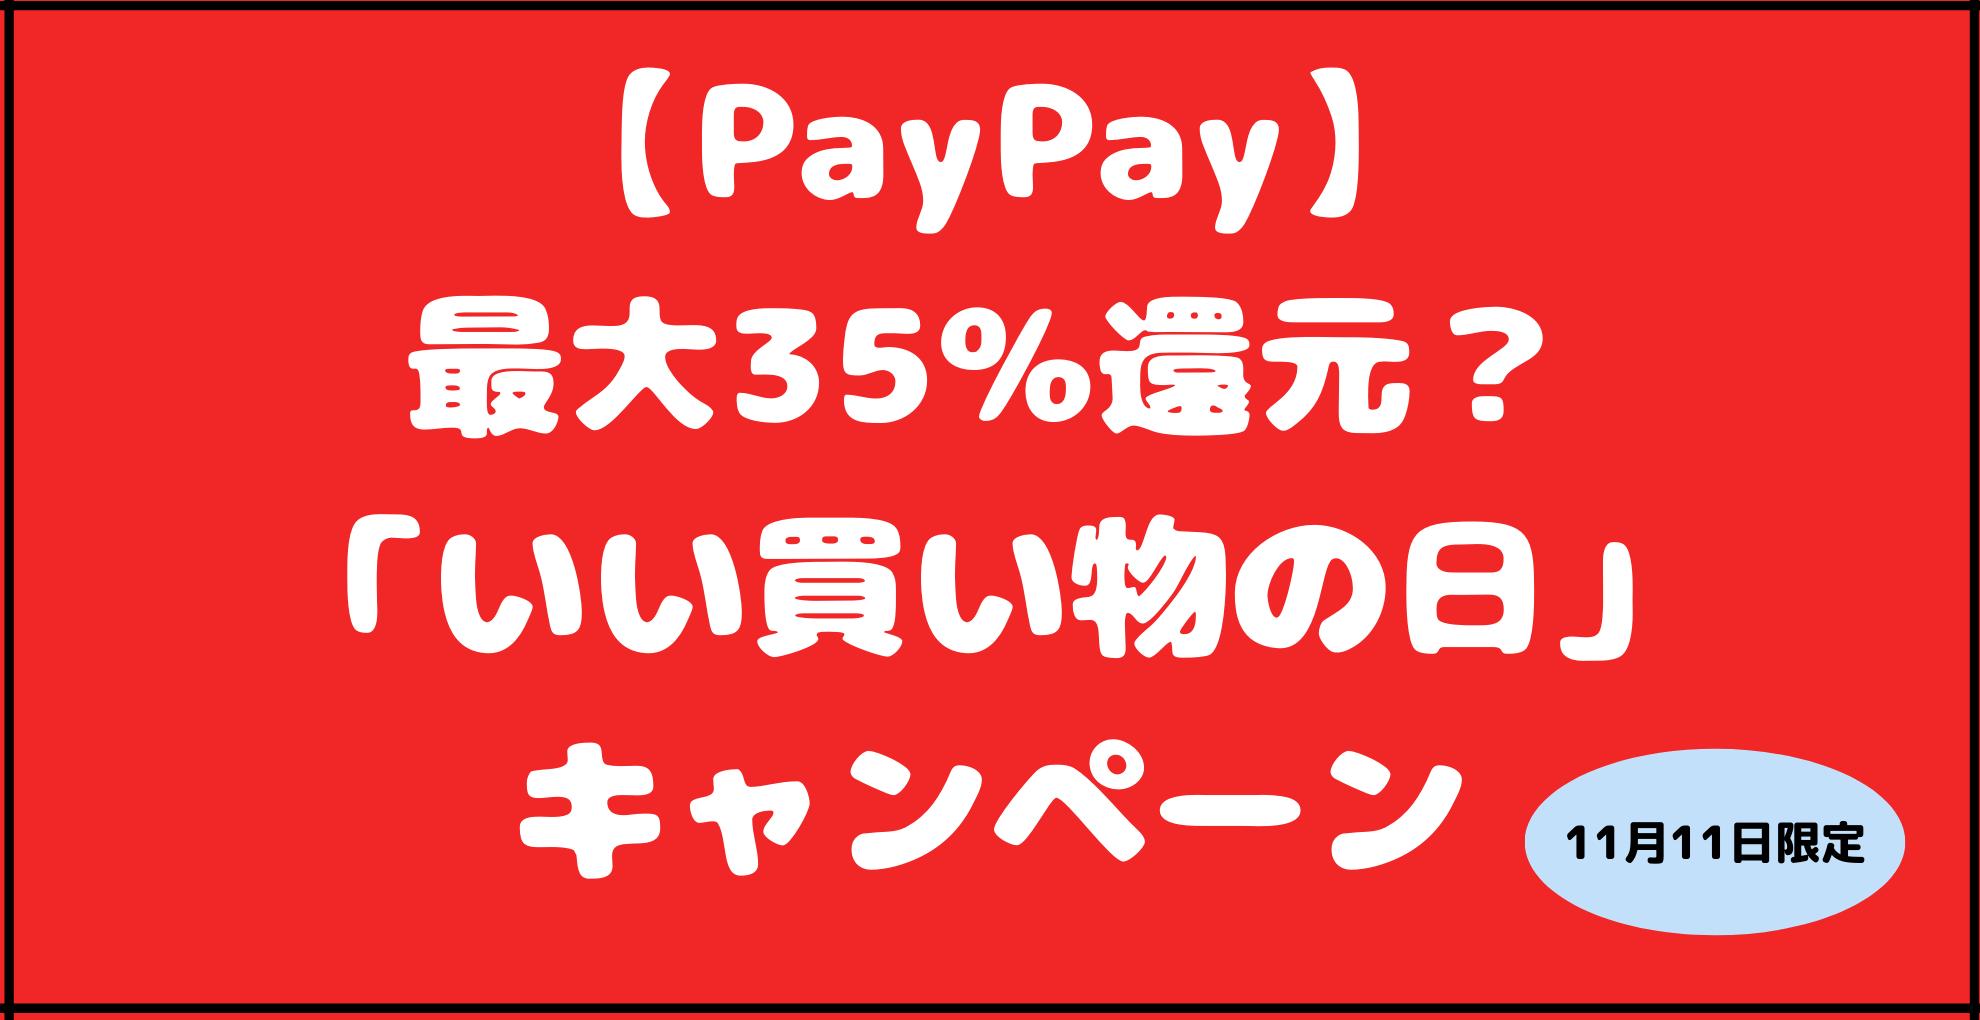 【PayPay】最大35%還元?「いい買い物の日」キャンペーン